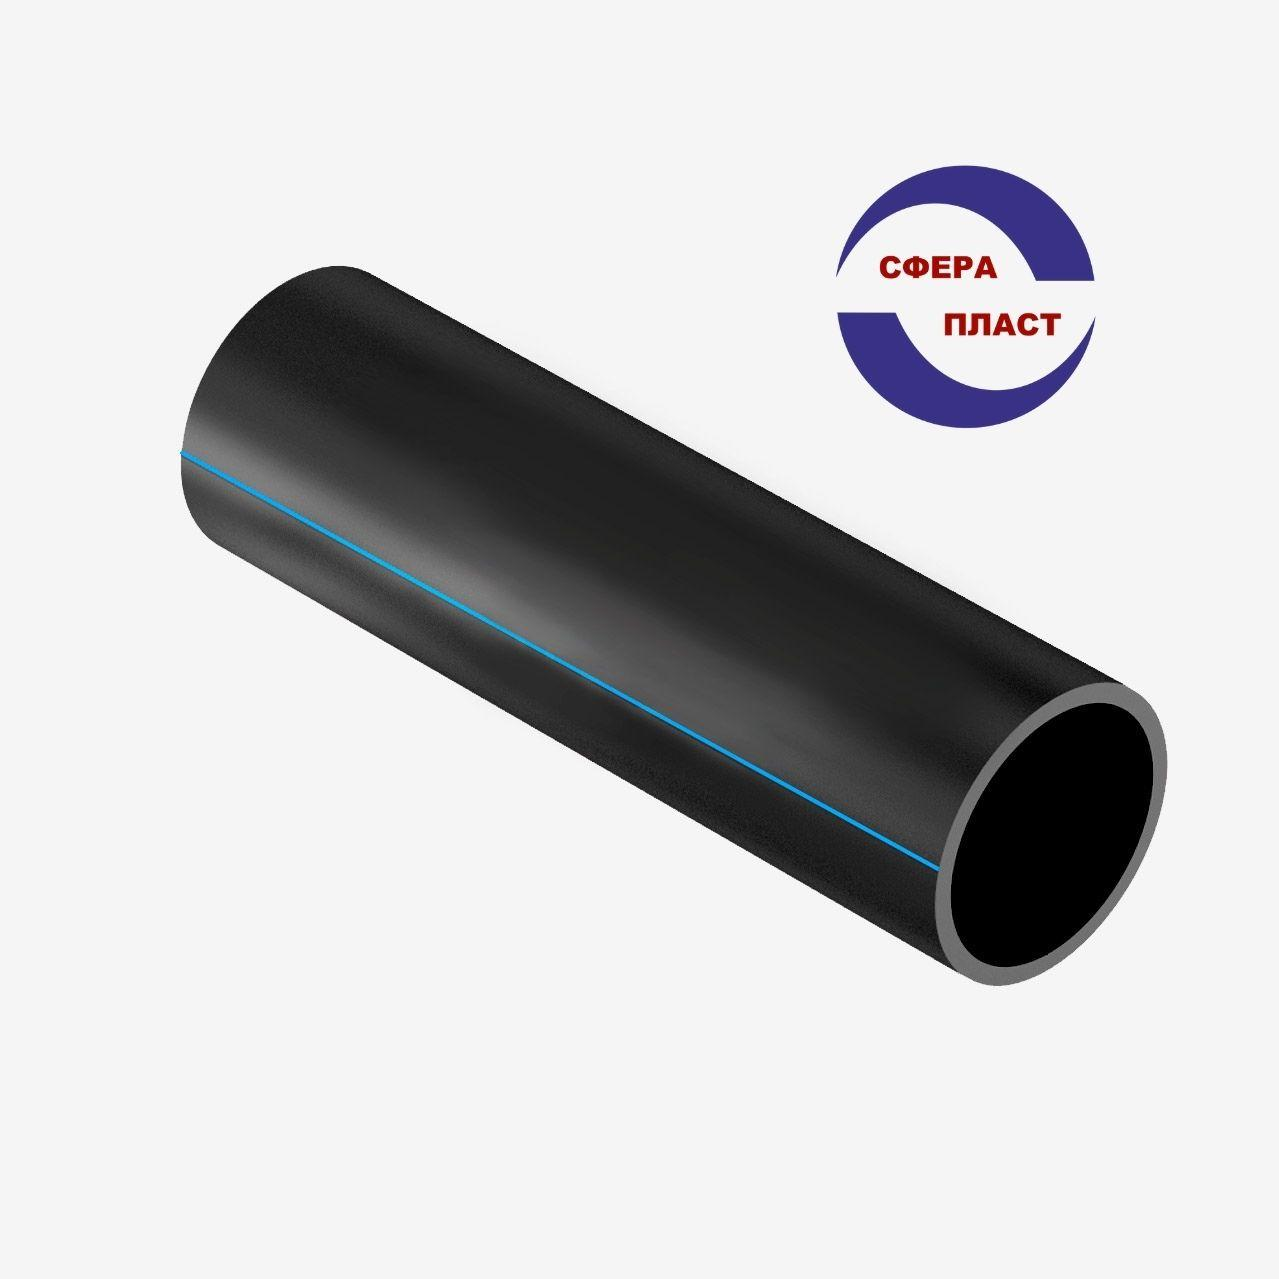 Труба Ду-200x14,7 SDR13,6 (12,5 атм) полиэтиленовая ПЭ-100